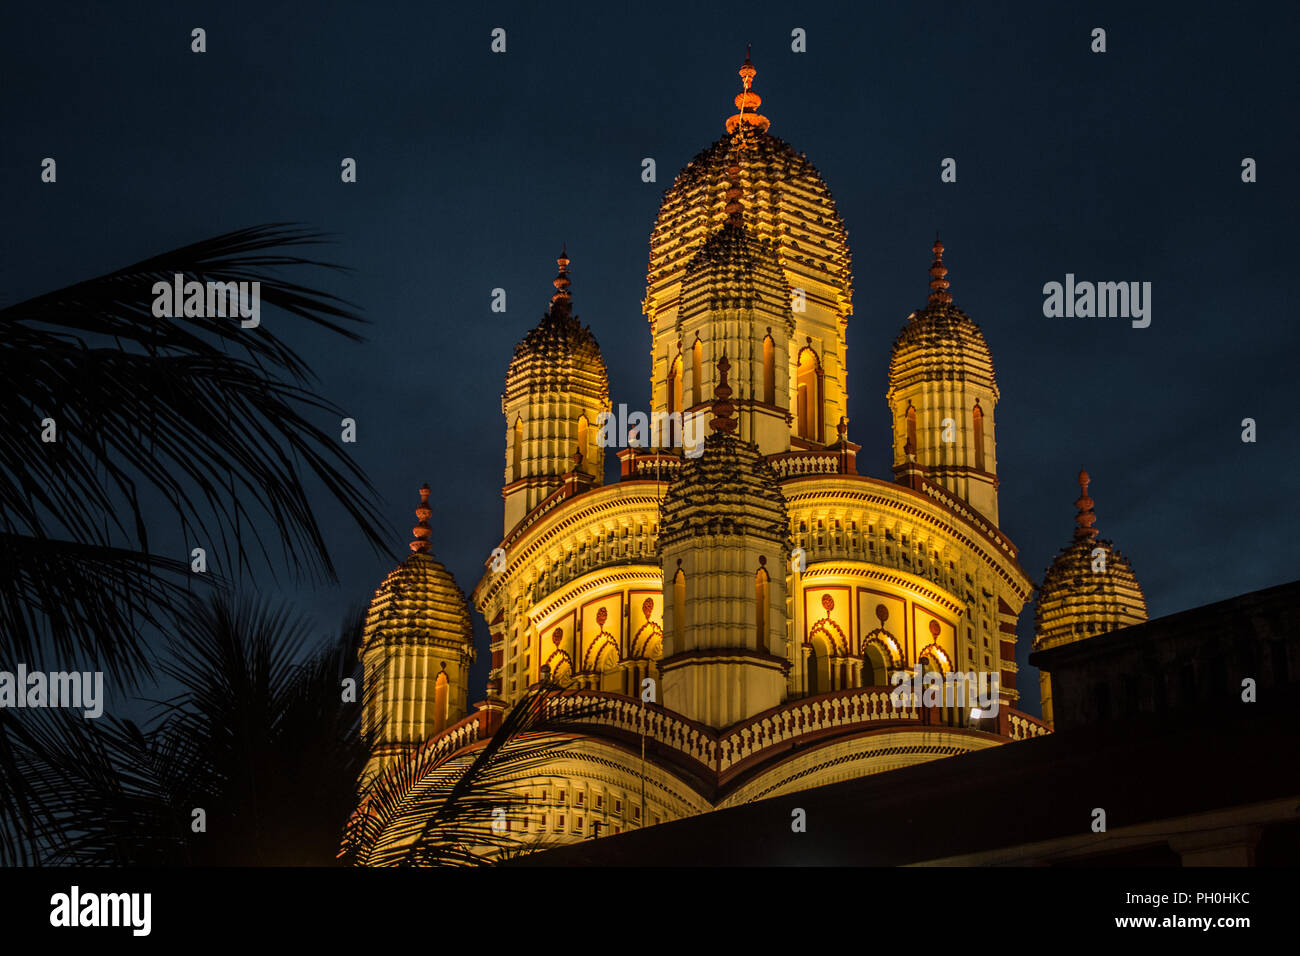 Night view of Dakshineswar Kali temple in Kolkata, West Bengal, India. - Stock Image